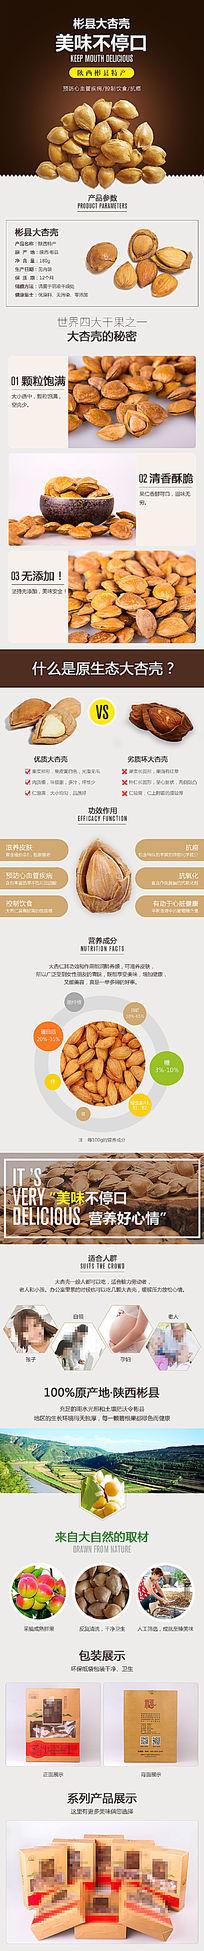 坚果干果零食大杏壳详情页宝贝描述淘宝天猫京东模板